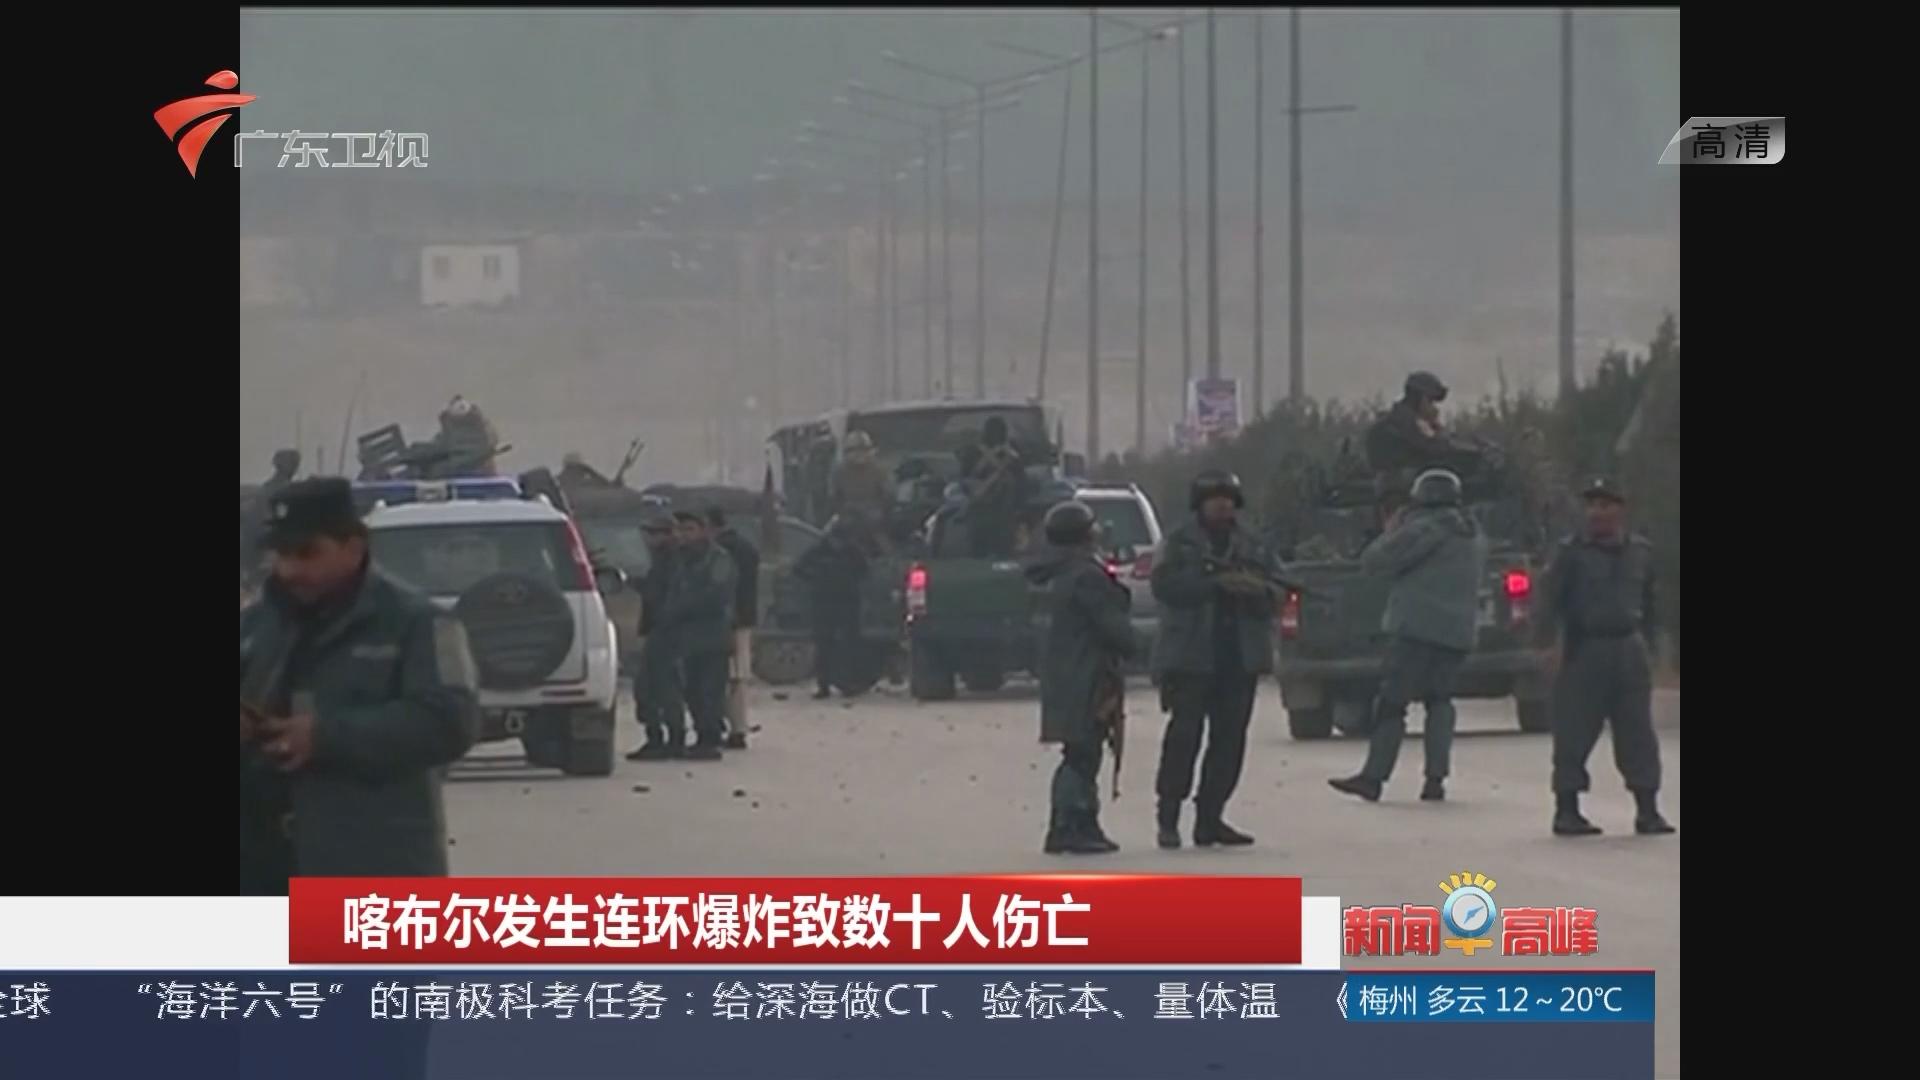 喀布尔发生连环爆炸致数十人伤亡